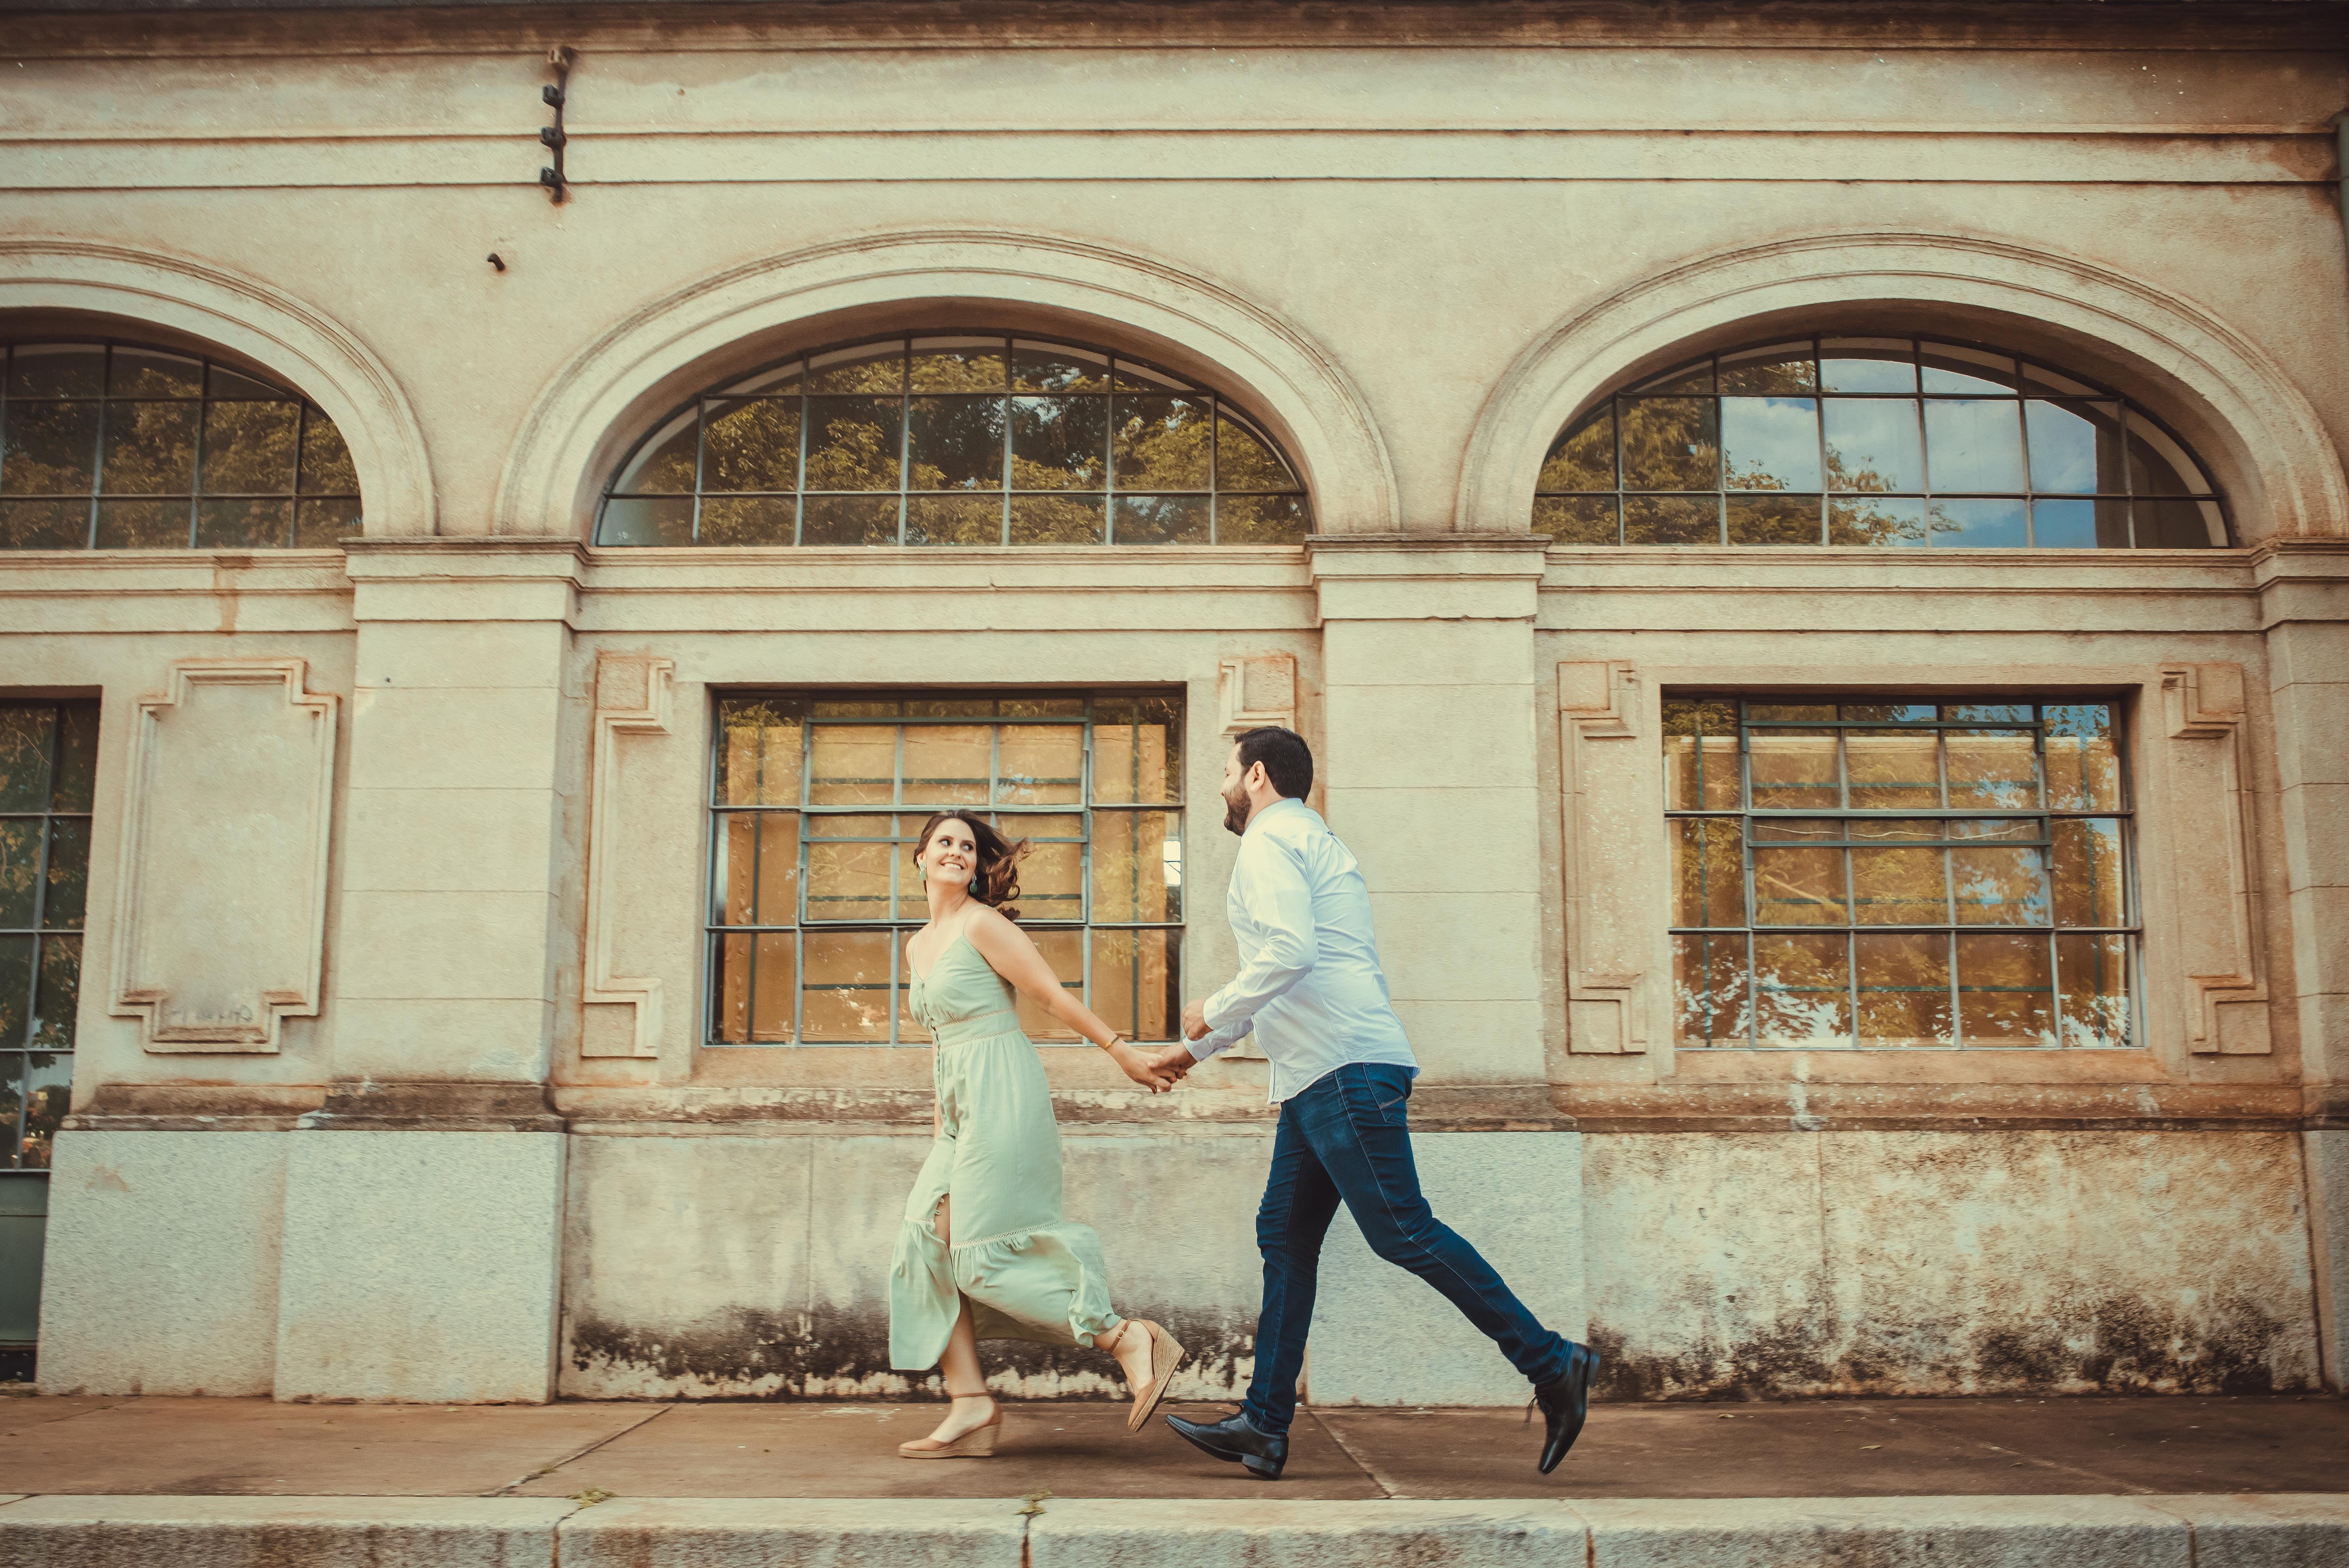 Contate Fotografia de Casamento | Ricardo Bragiato